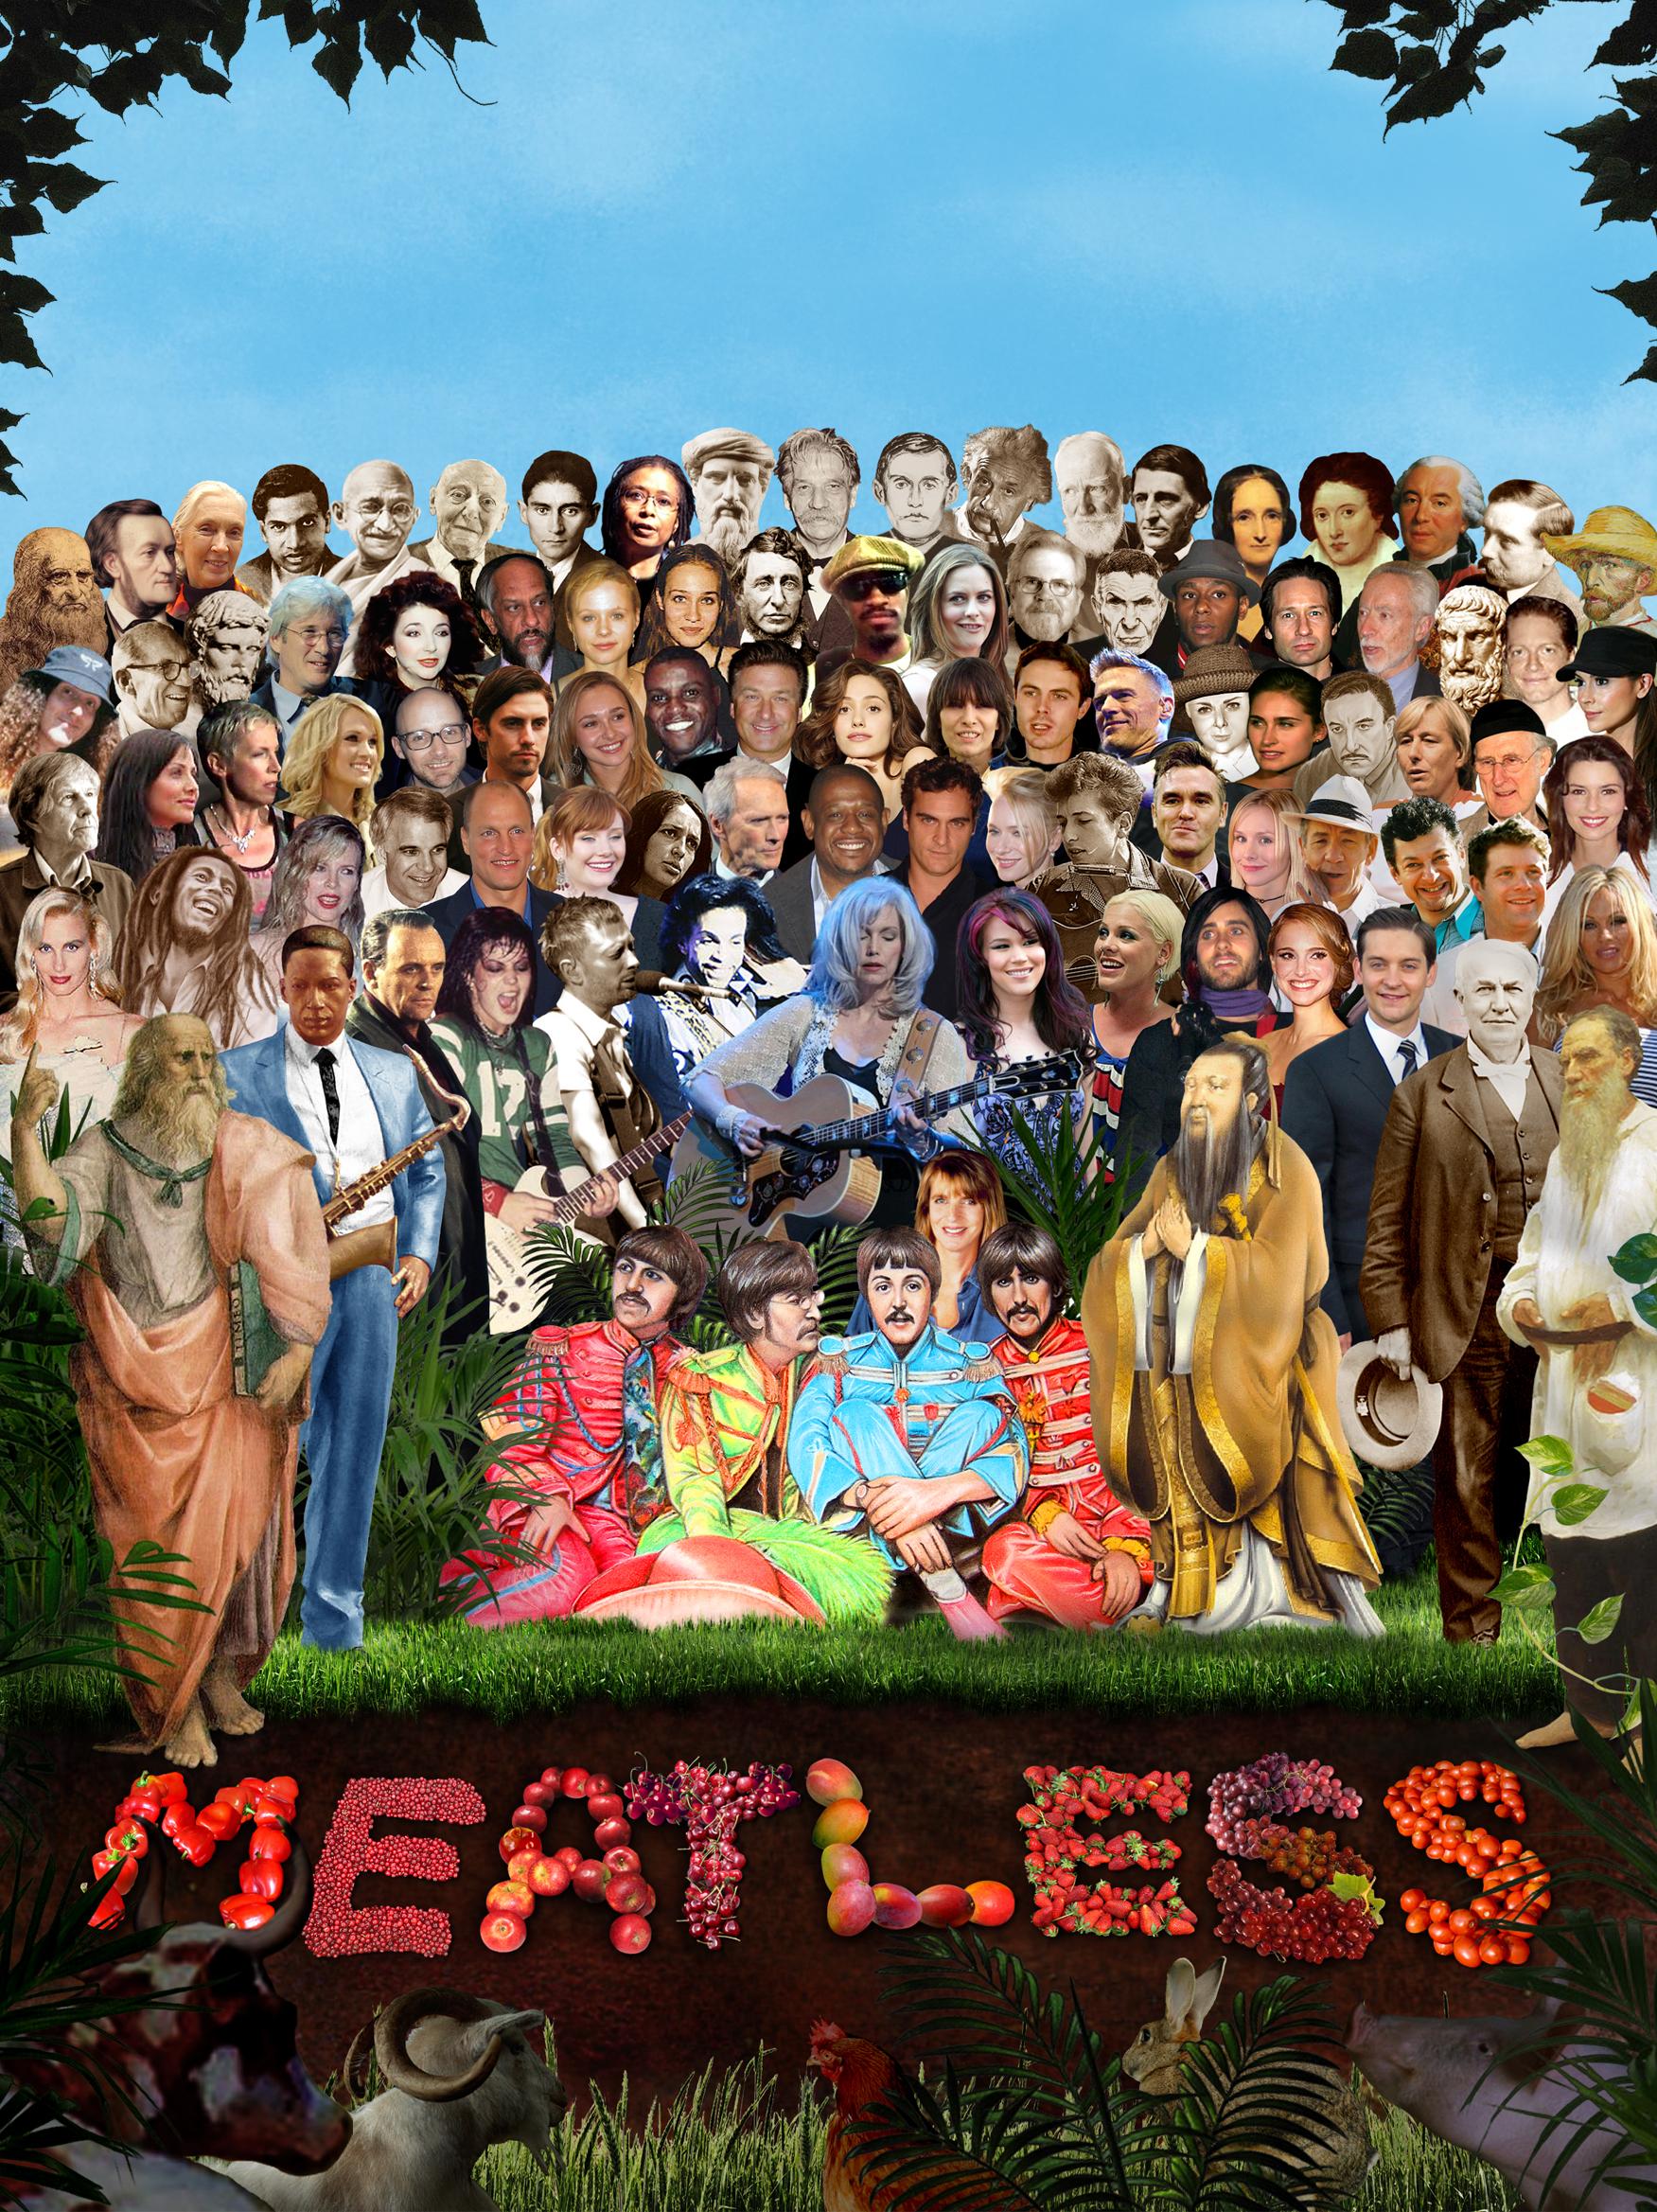 Meatless bilde